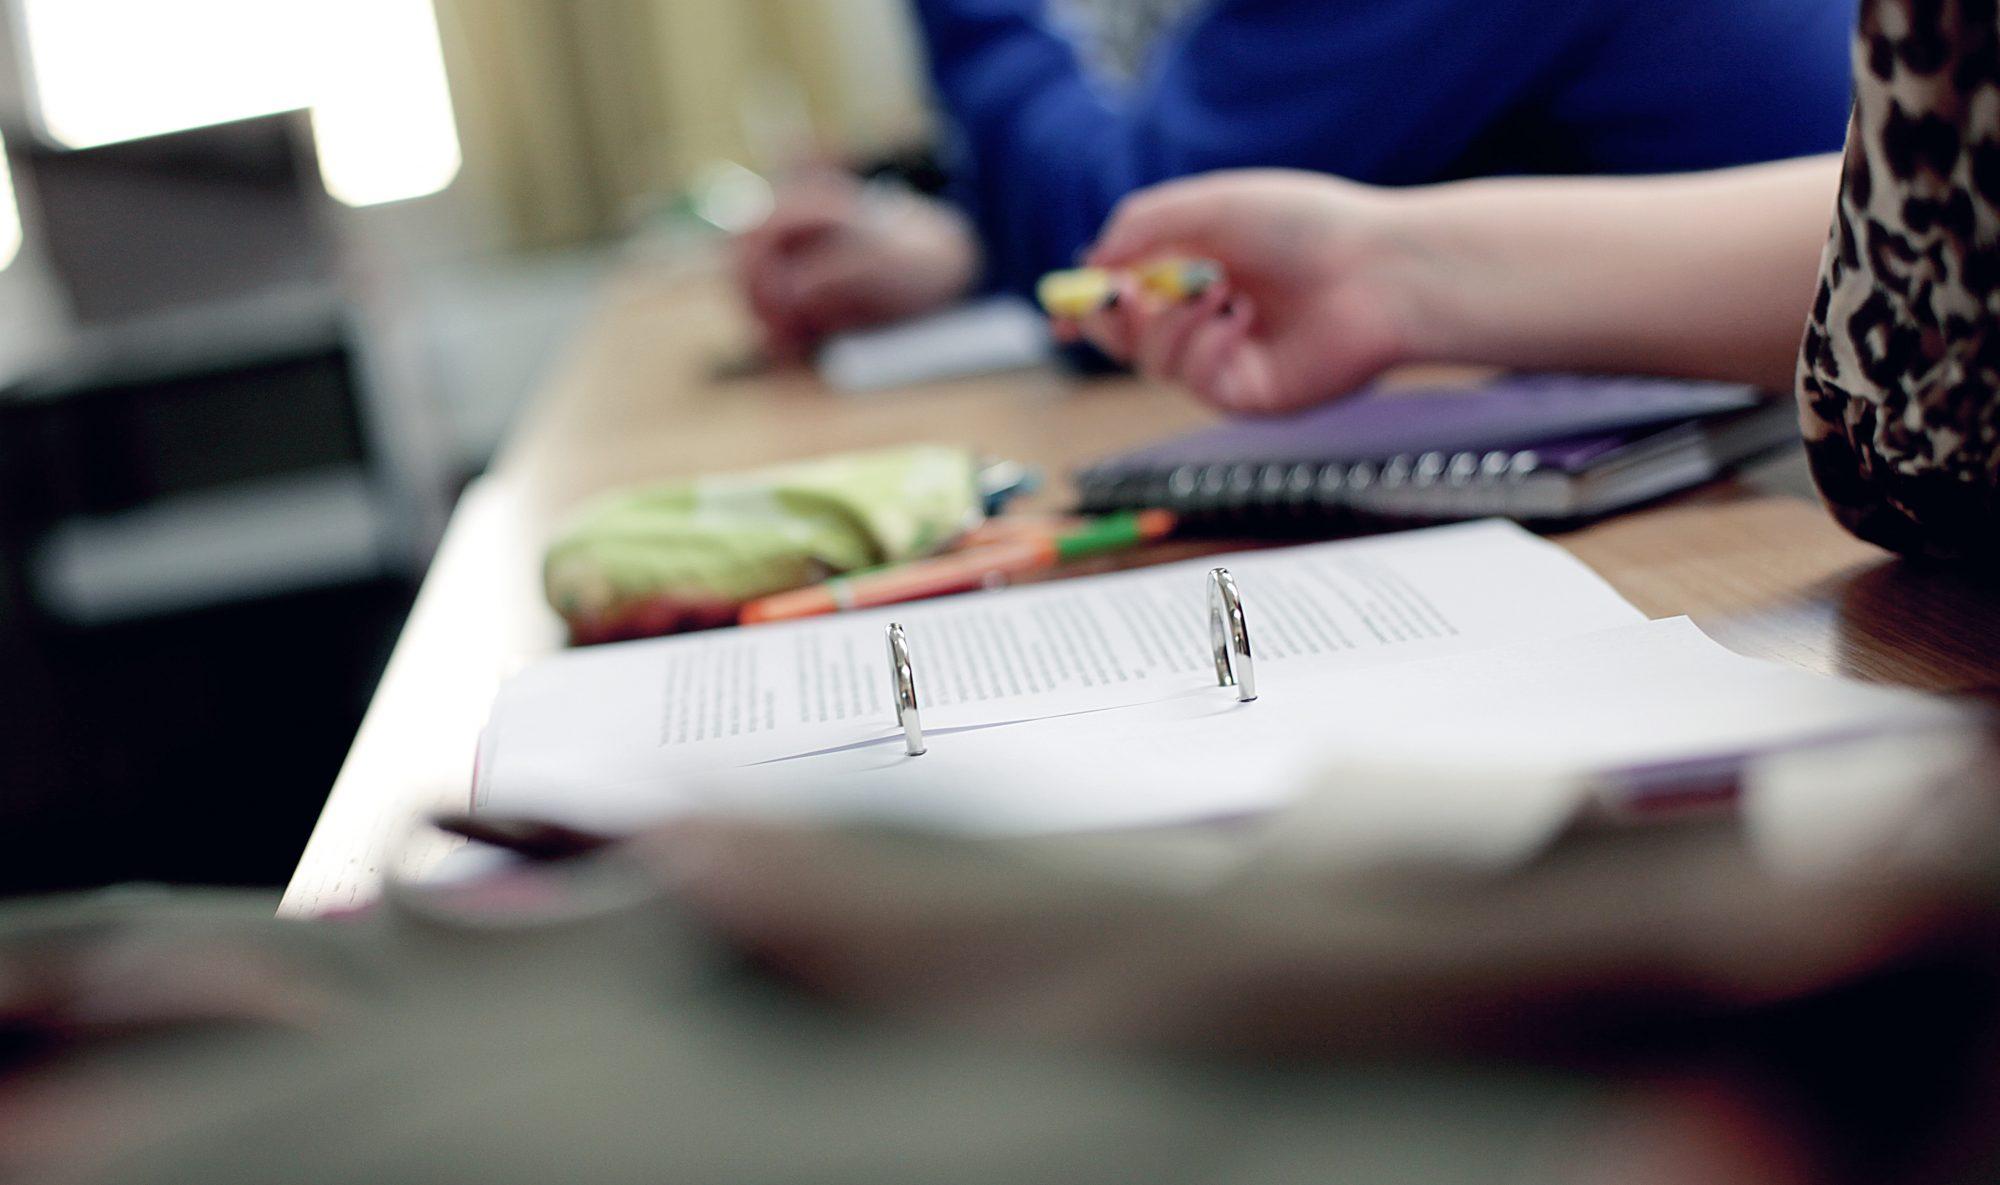 Magisteravhandlingen i skolsamfundet